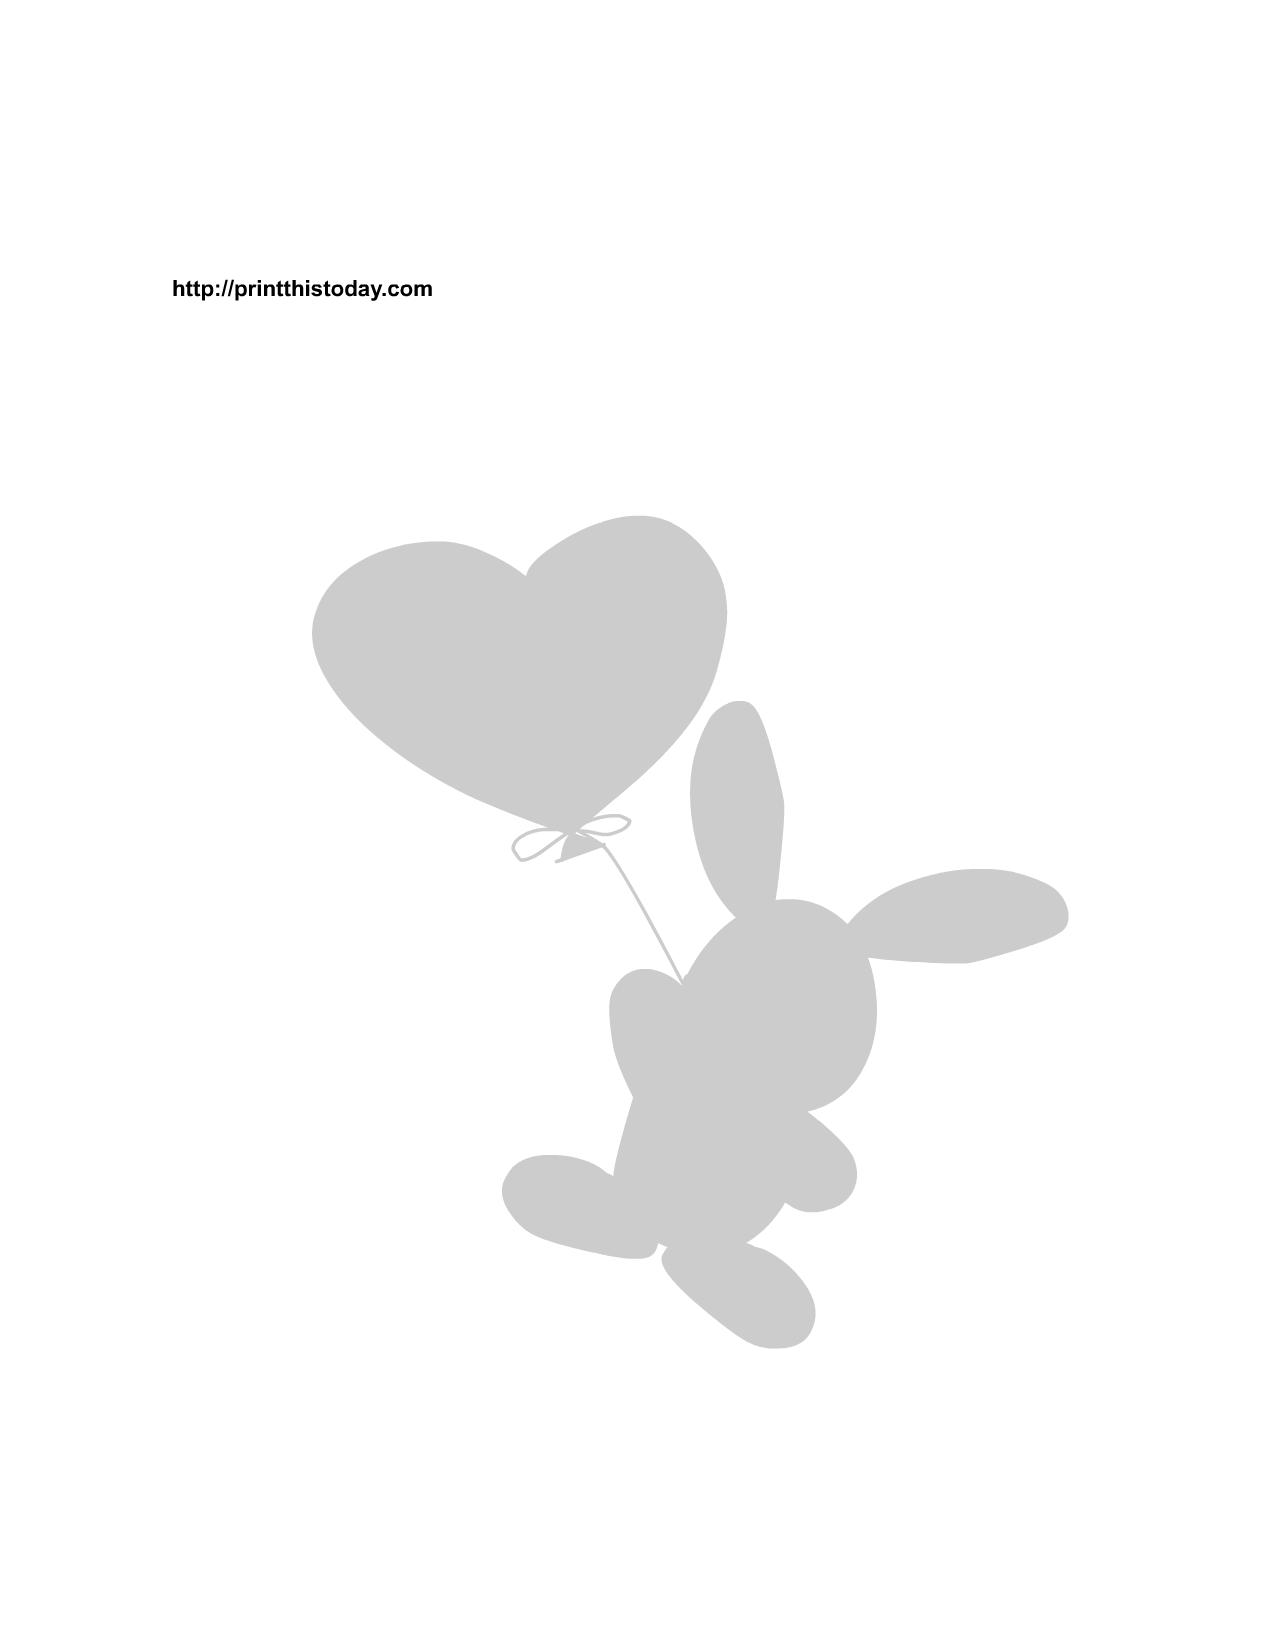 free printable bunny stencils